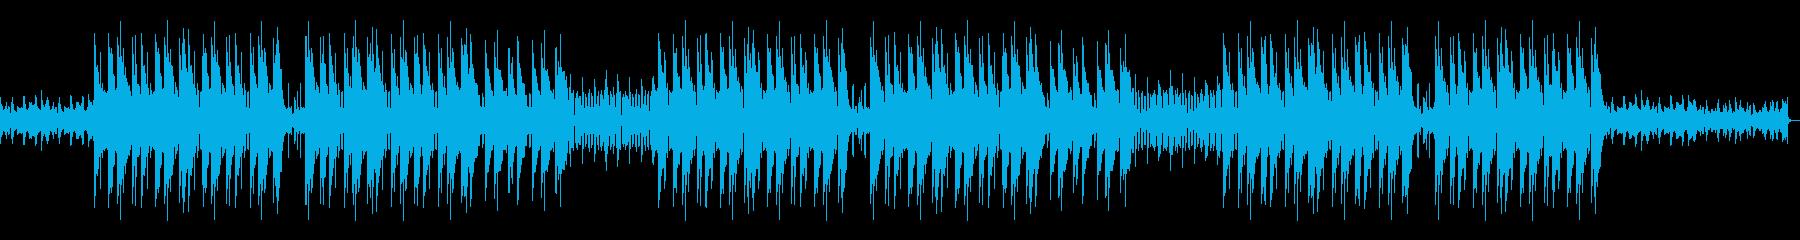 ホラーっぽいピアノトラップビートの再生済みの波形